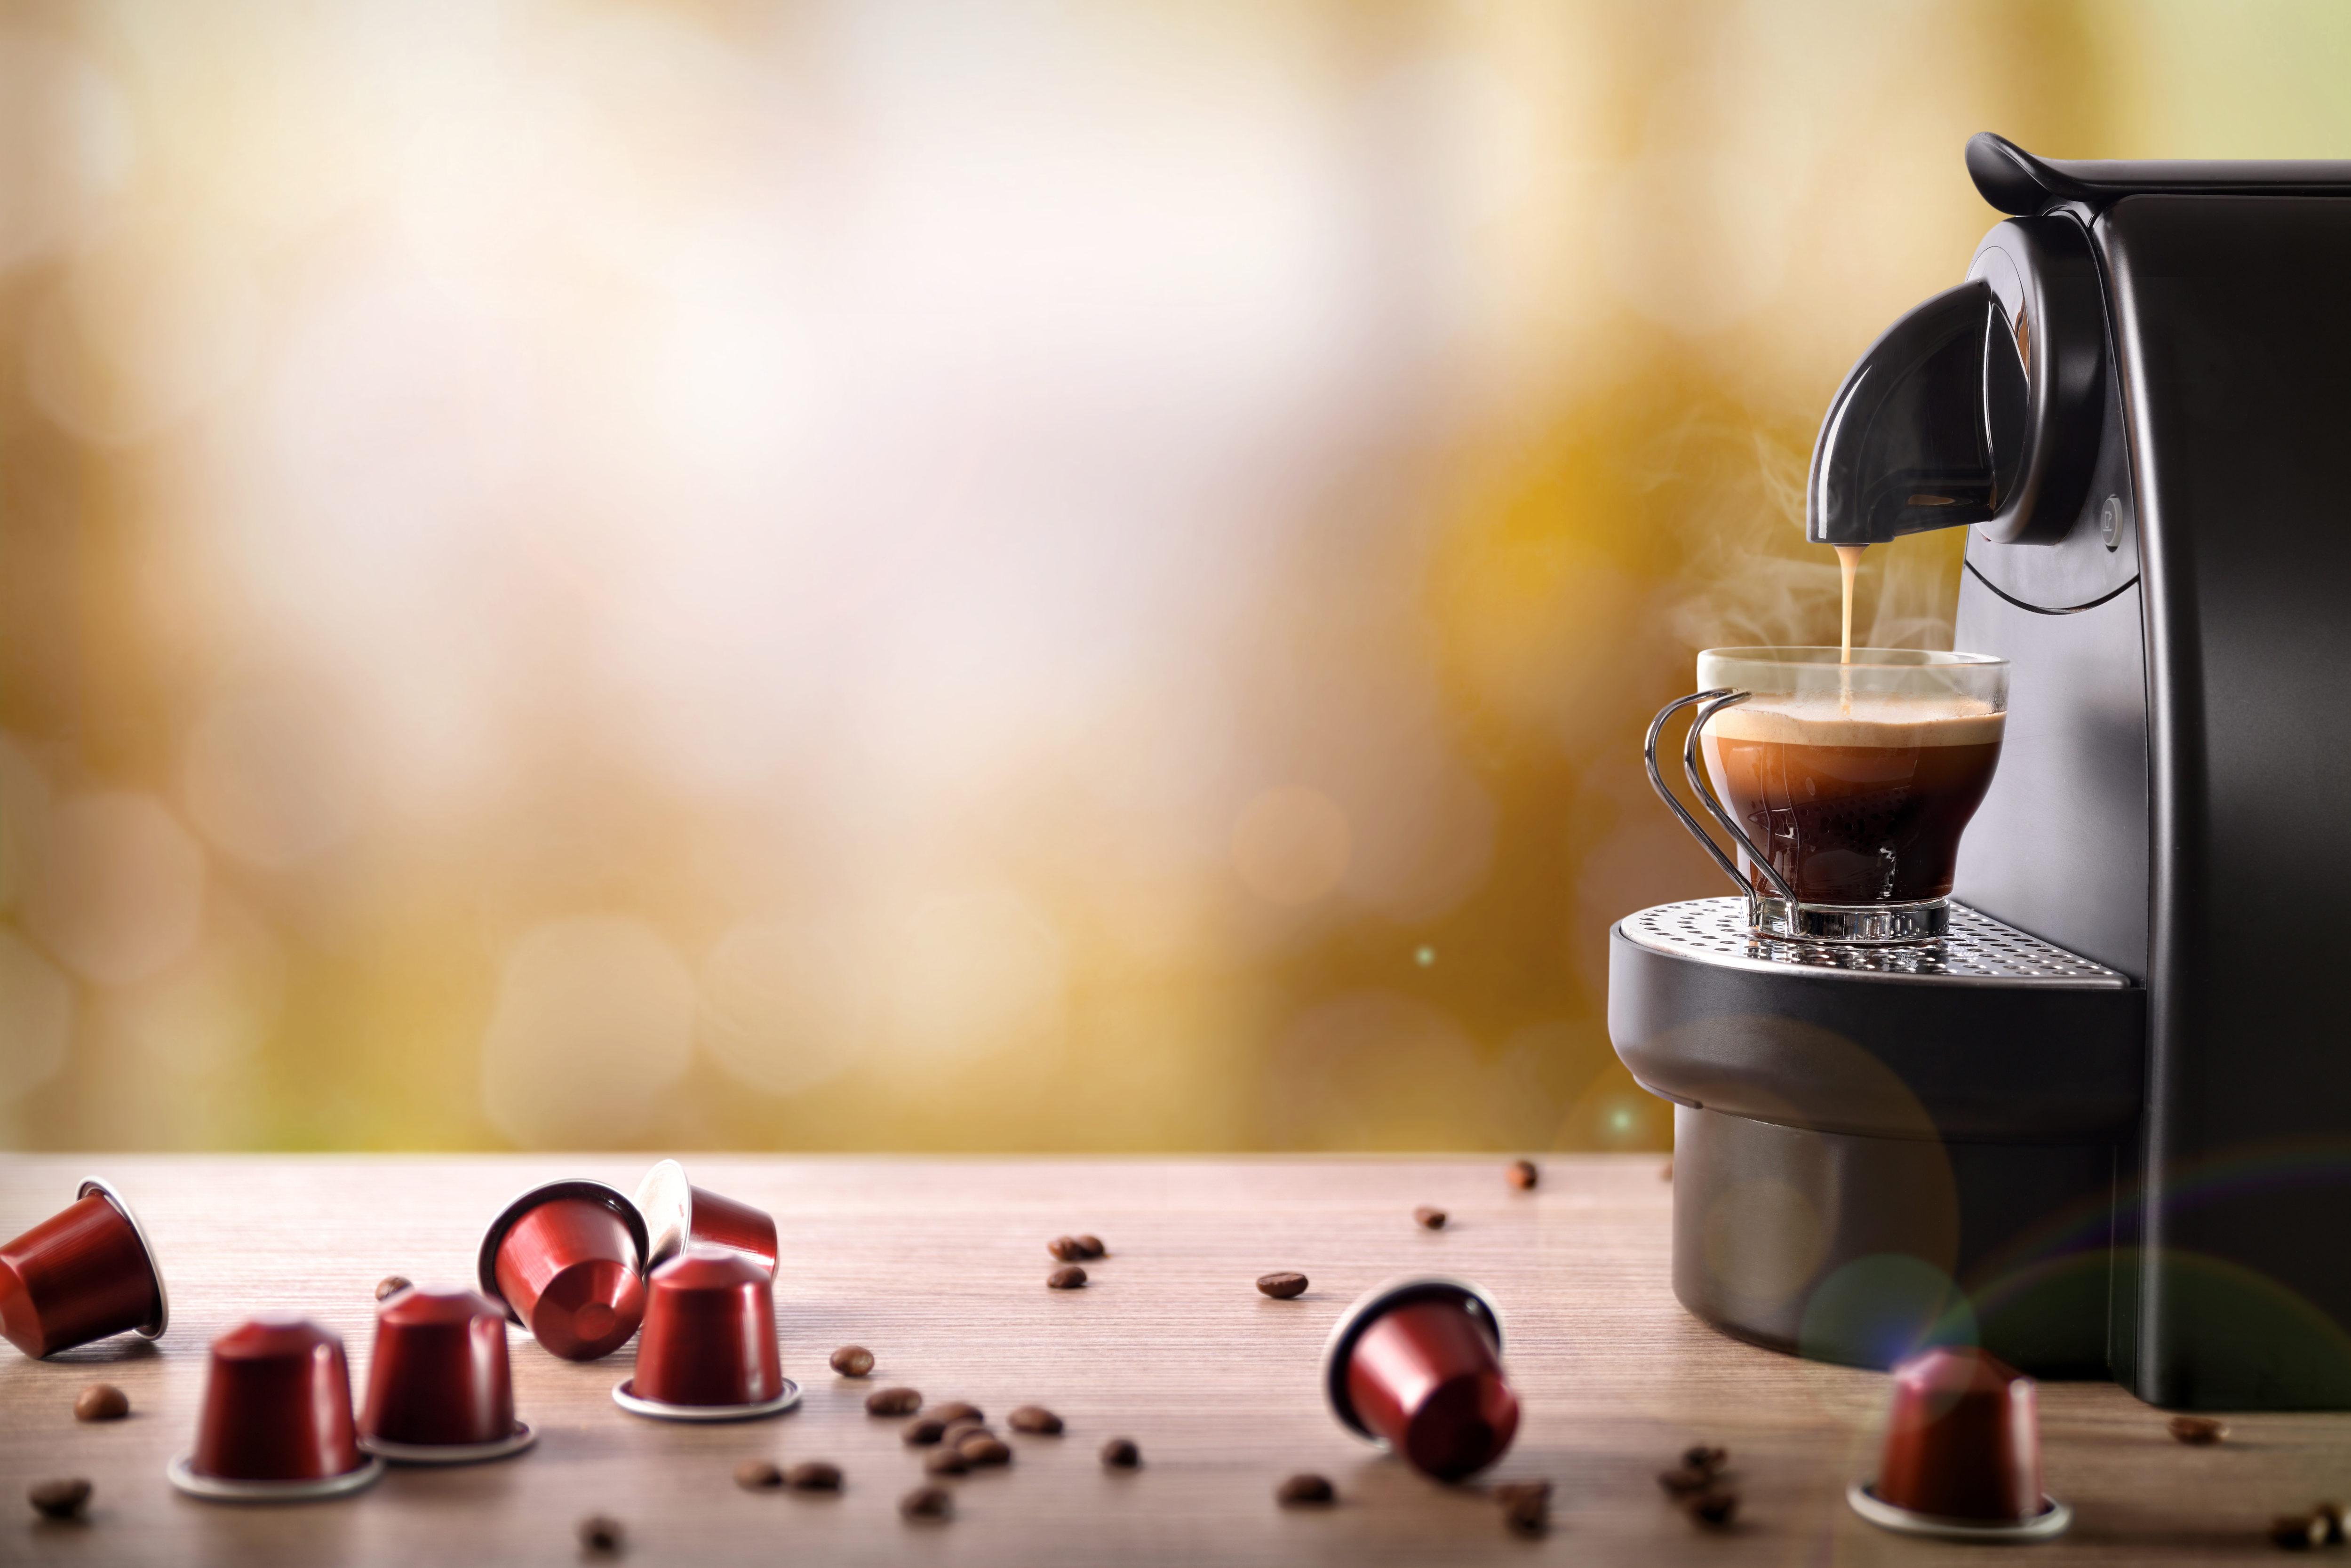 Органик-кофе в капсулах, такое возможно?